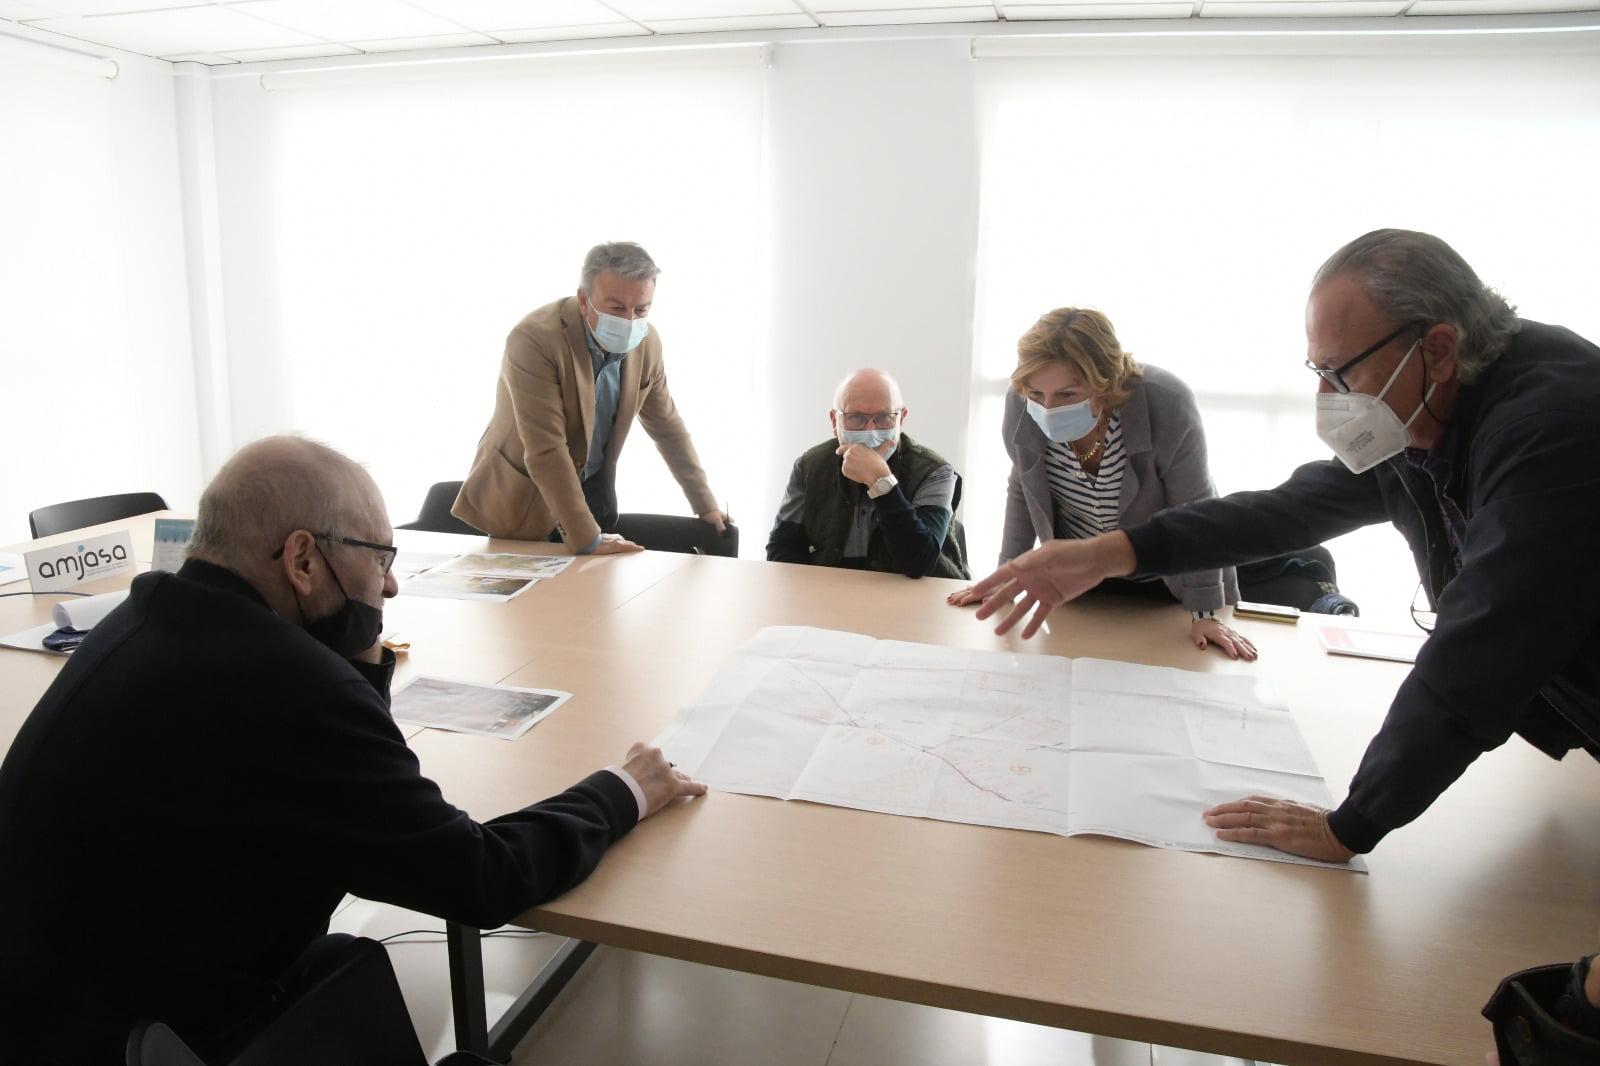 Reunión con el ingeniero para buscar una solución a la inundabilidad